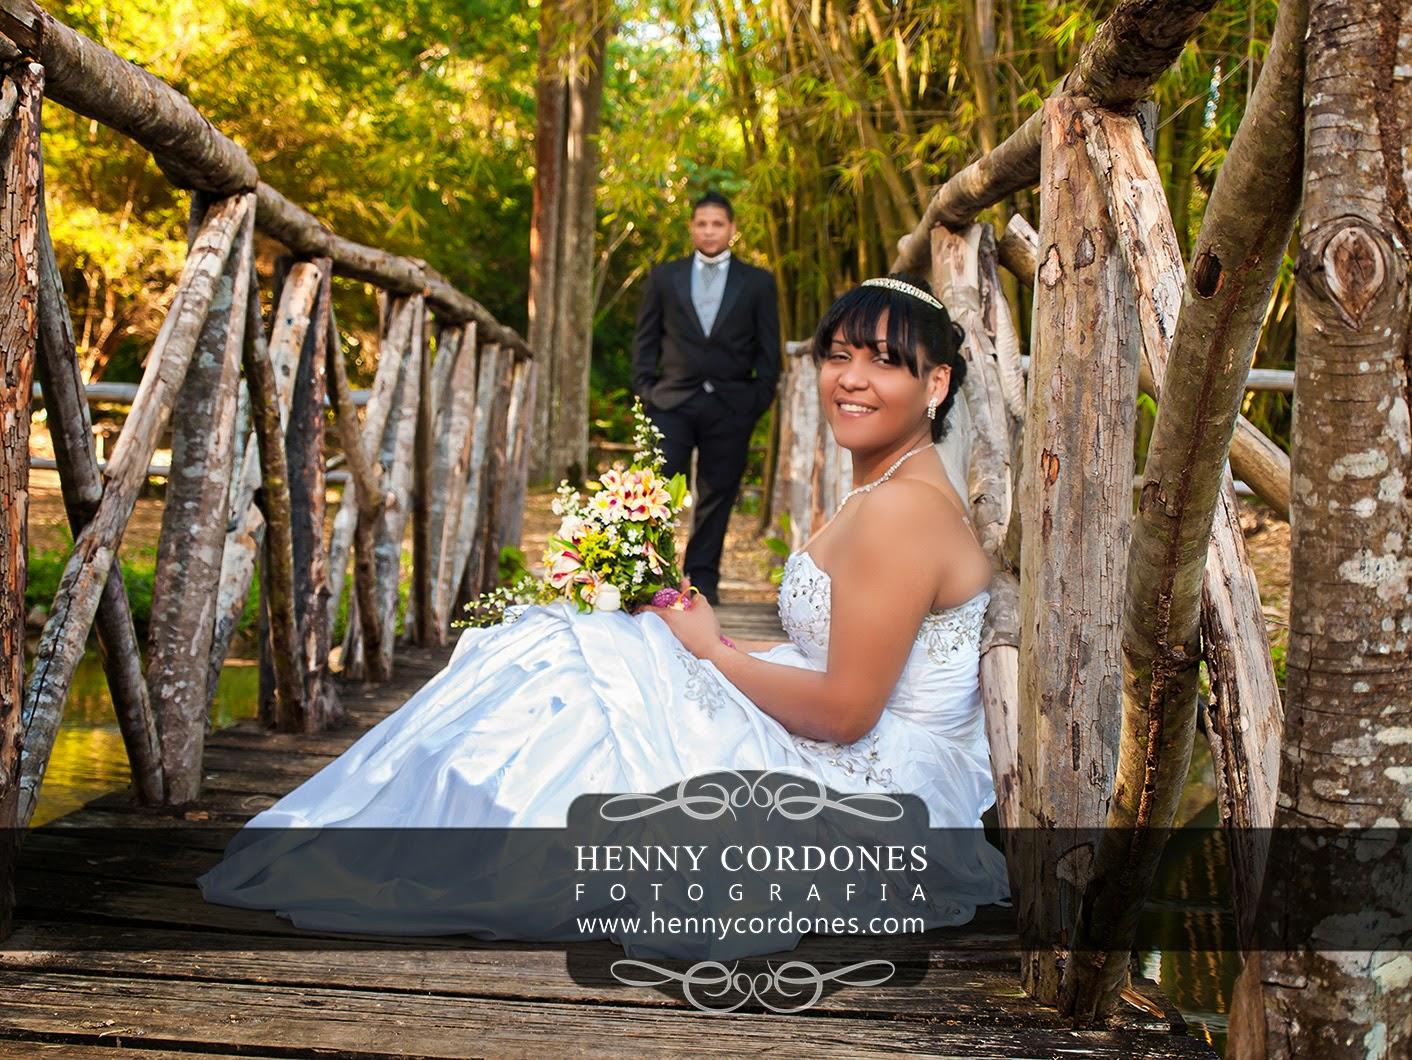 Henny cordones fotograf a abril 2014 for Bodas en el jardin botanico